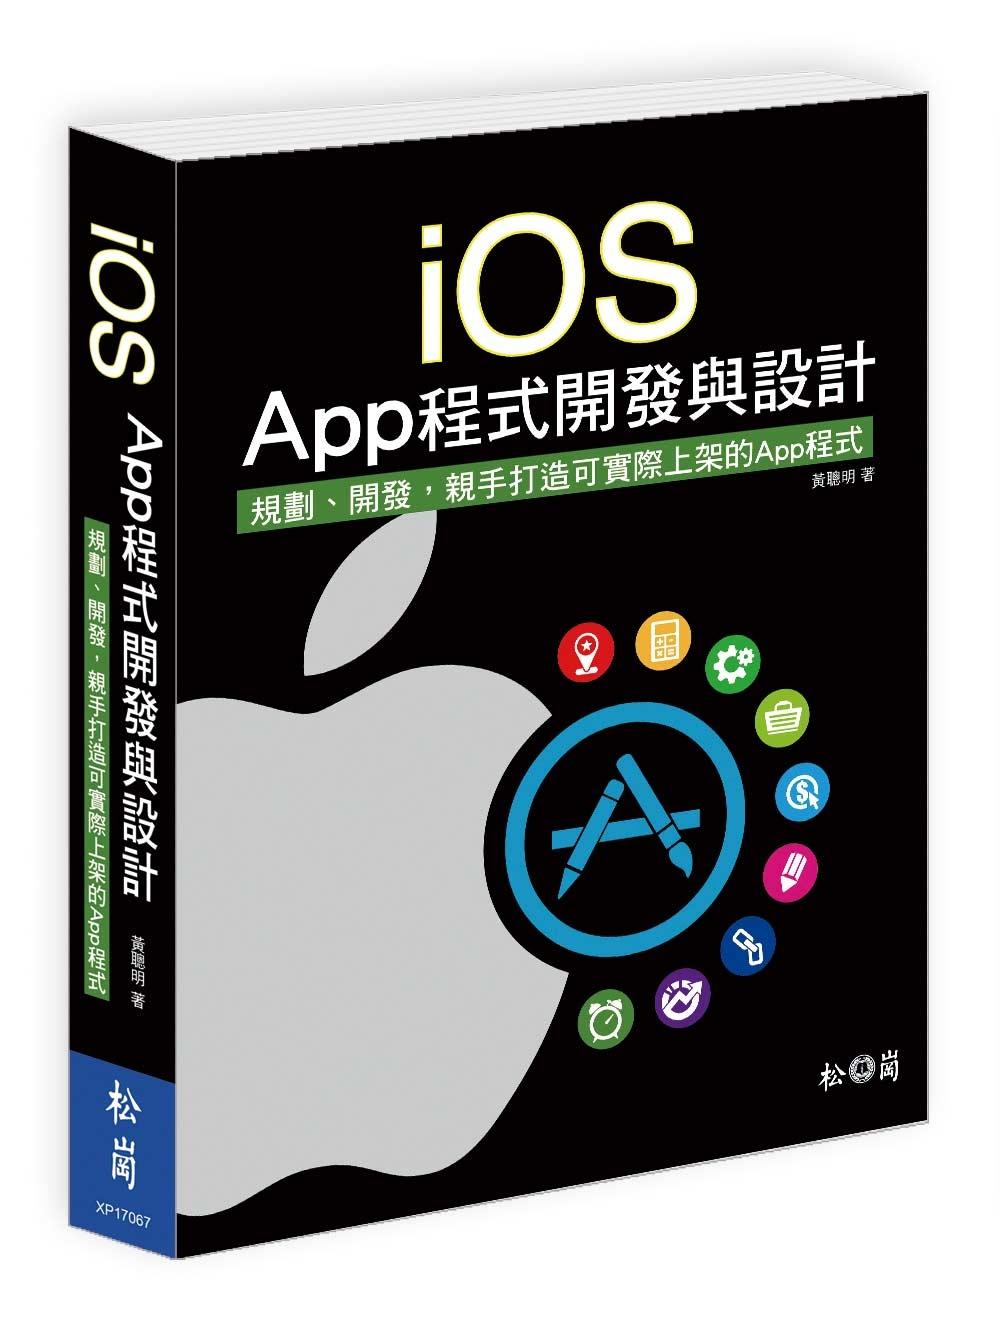 ◤博客來BOOKS◢ 暢銷書榜《推薦》iOS App程式開發與設計:規劃、開發,親手打造可實際上架的App程式(附光碟)